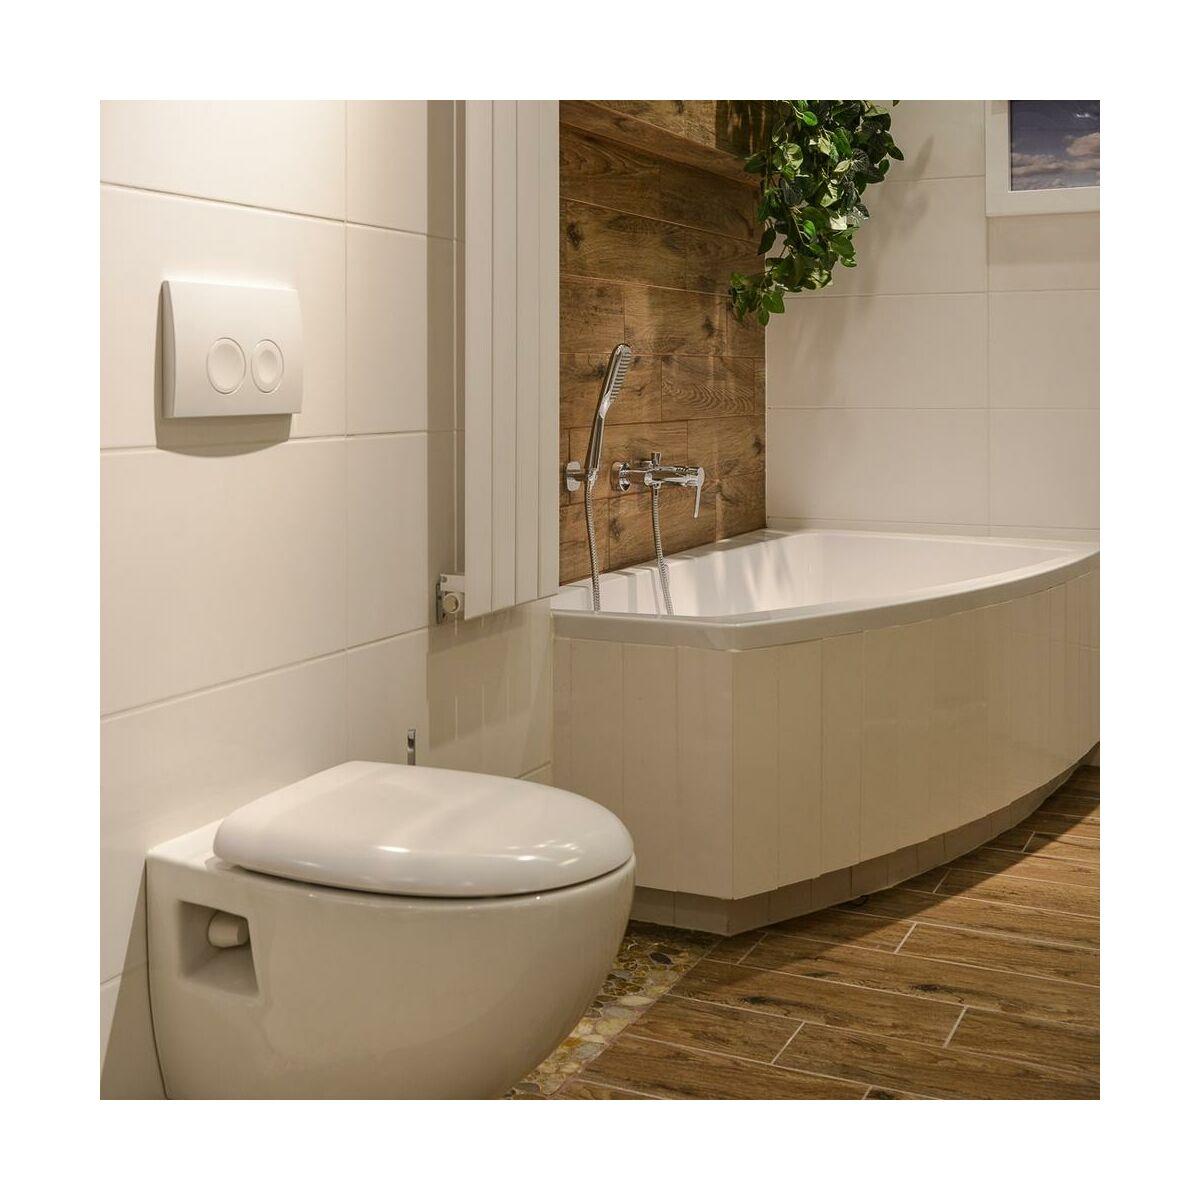 przycisk sp ukuj cy do stela a delta21 geberit przyciski do stela y wc w atrakcyjnej cenie w. Black Bedroom Furniture Sets. Home Design Ideas